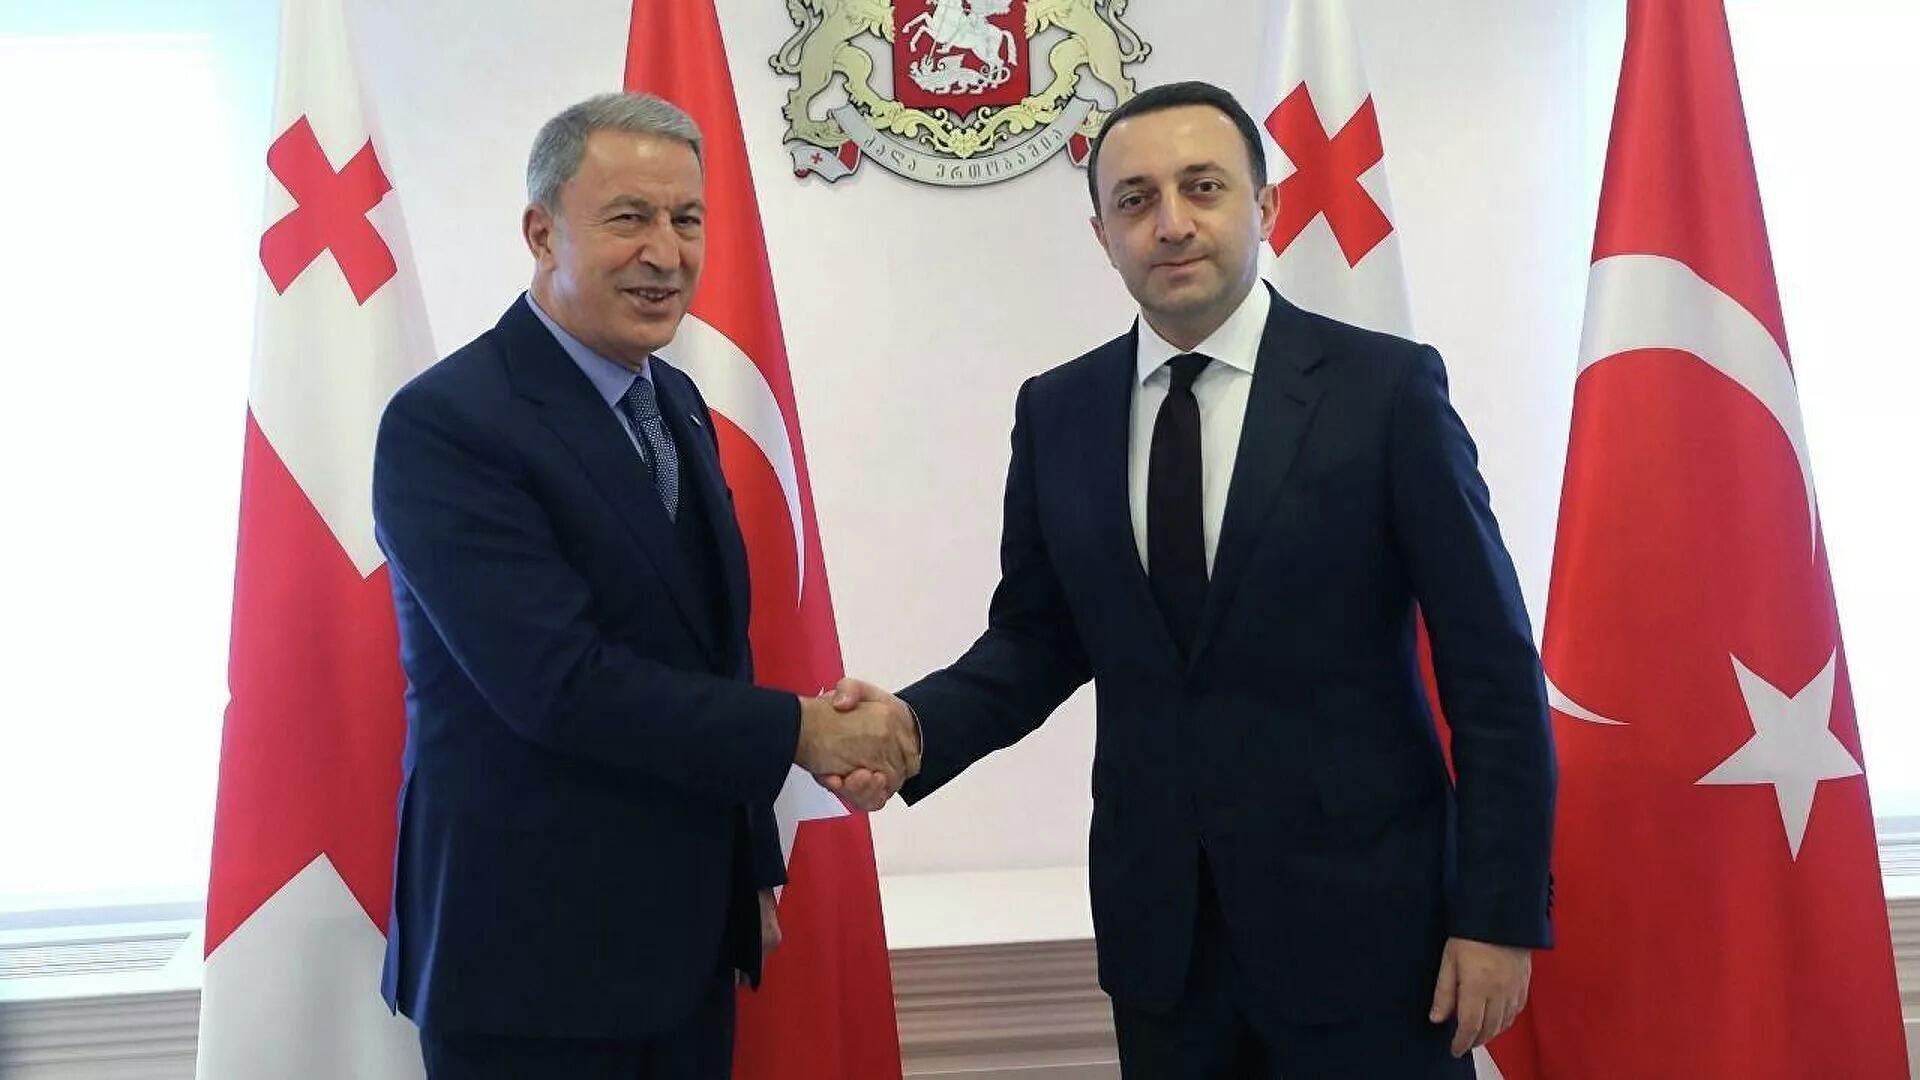 Встреча премьер-министра Грузии Ираклия Гарибашвили и министра обороны Турции Хулуси Акара - Sputnik Азербайджан, 1920, 04.10.2021